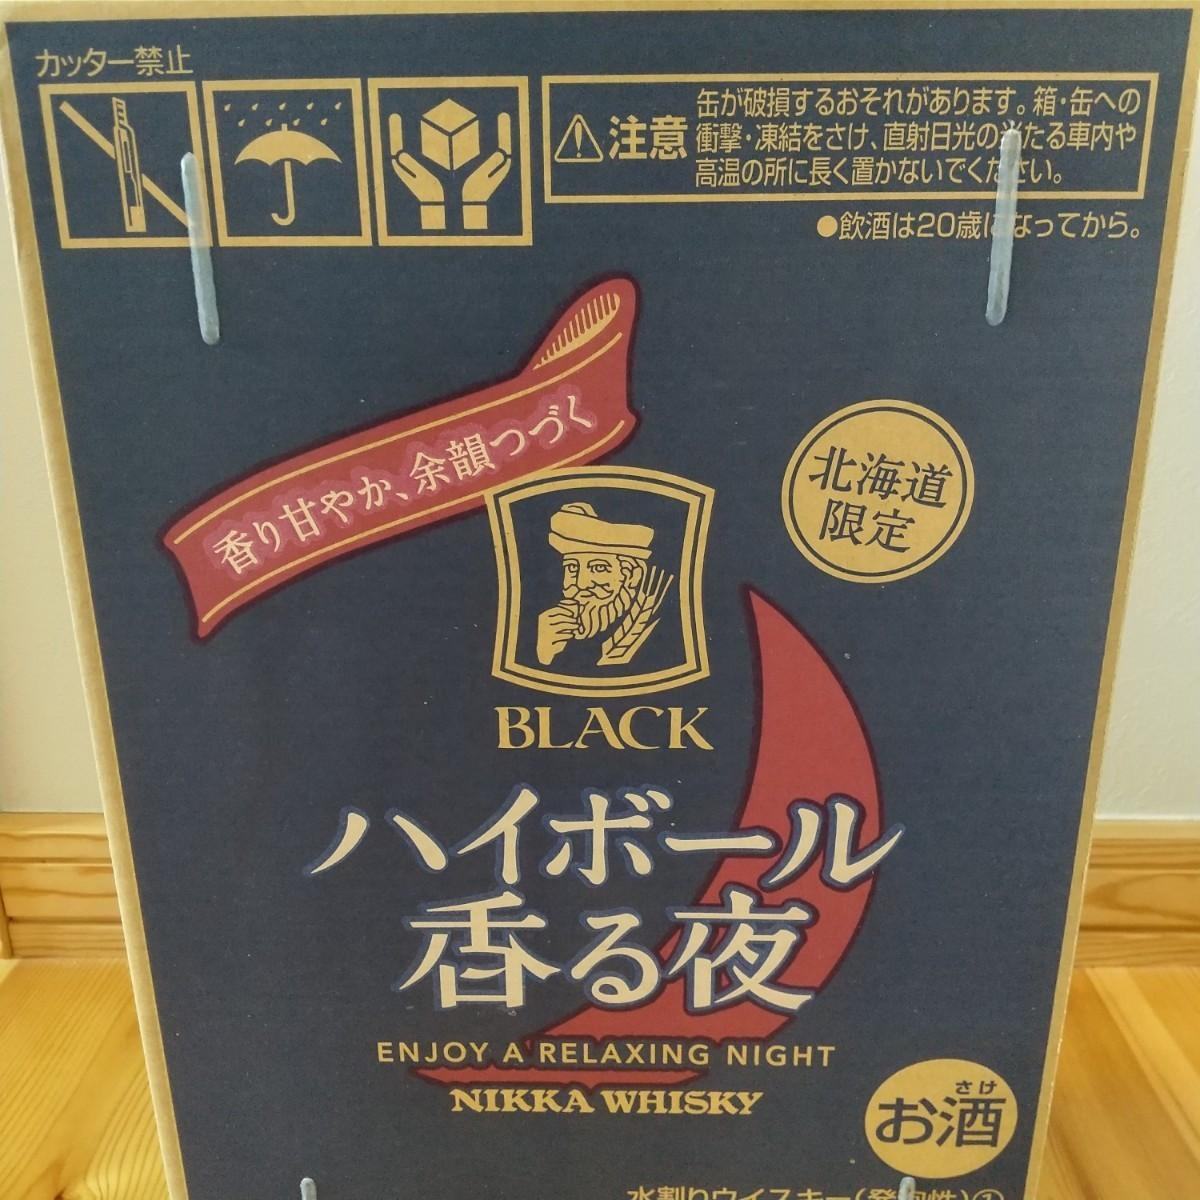 北海道限定発売★ サッポロクラシック & ハイボール香る夜 計2ケース